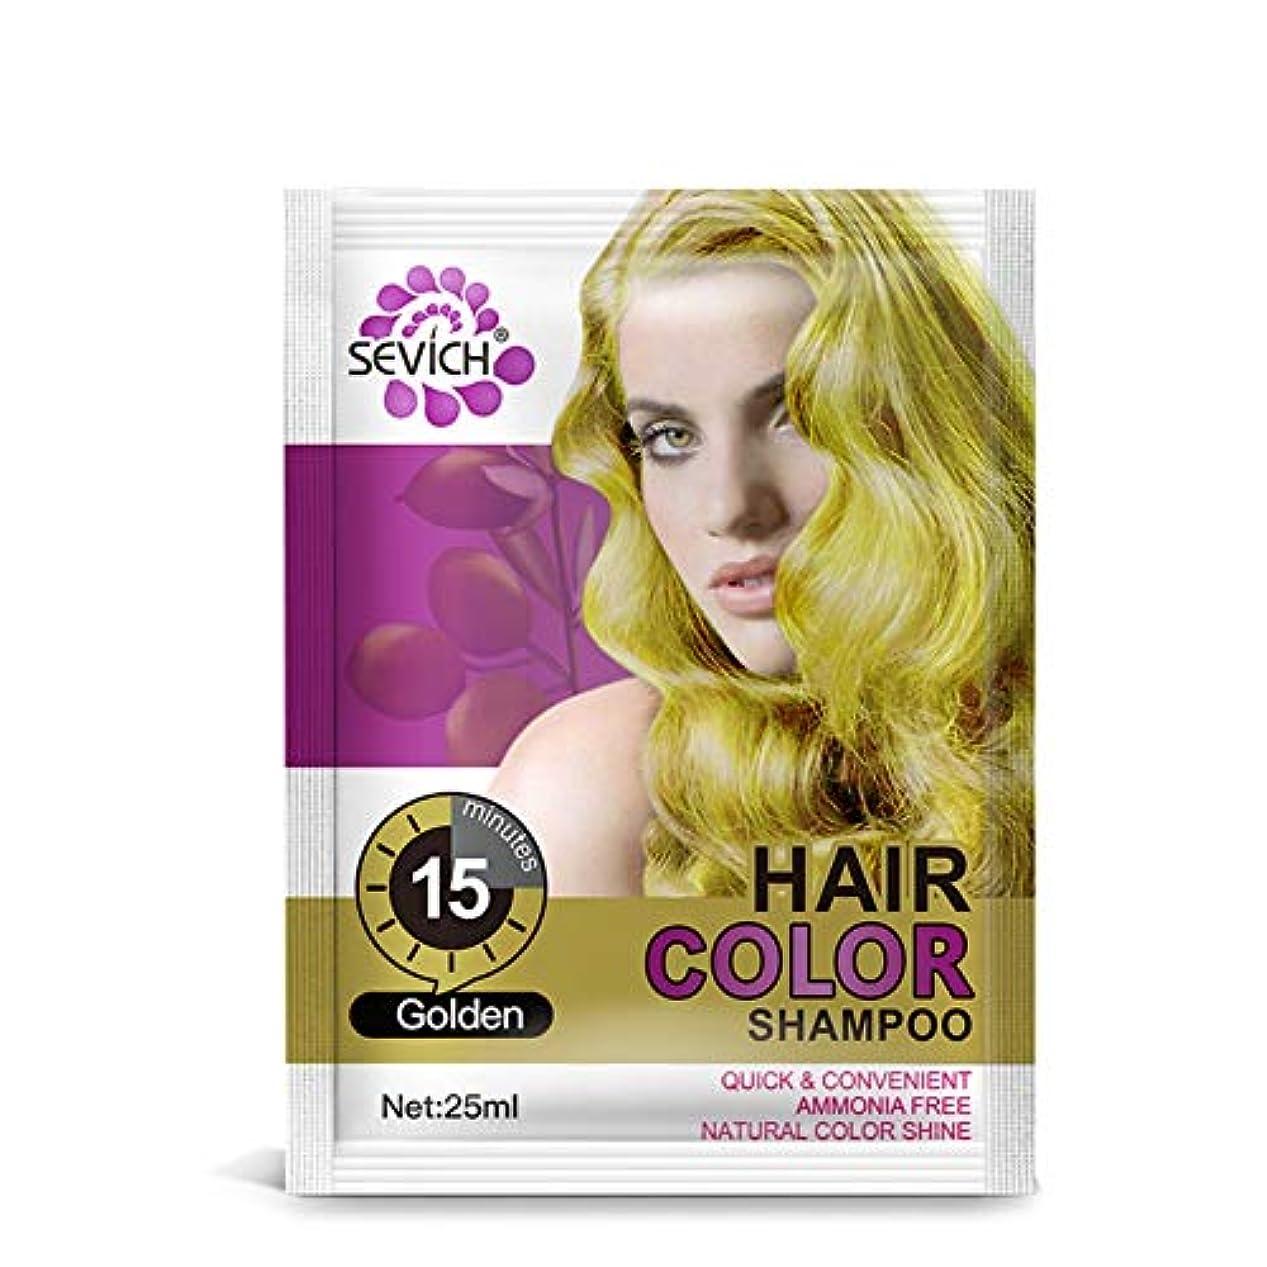 セマフォコンテストスクリューヘアカラー ヘア染め ヘアカラースタイリング 髪の色のシャンプ スタイリングカラーヘアシャンプー 純粋な植物 自然 刺激ない ヘアケア Cutelove